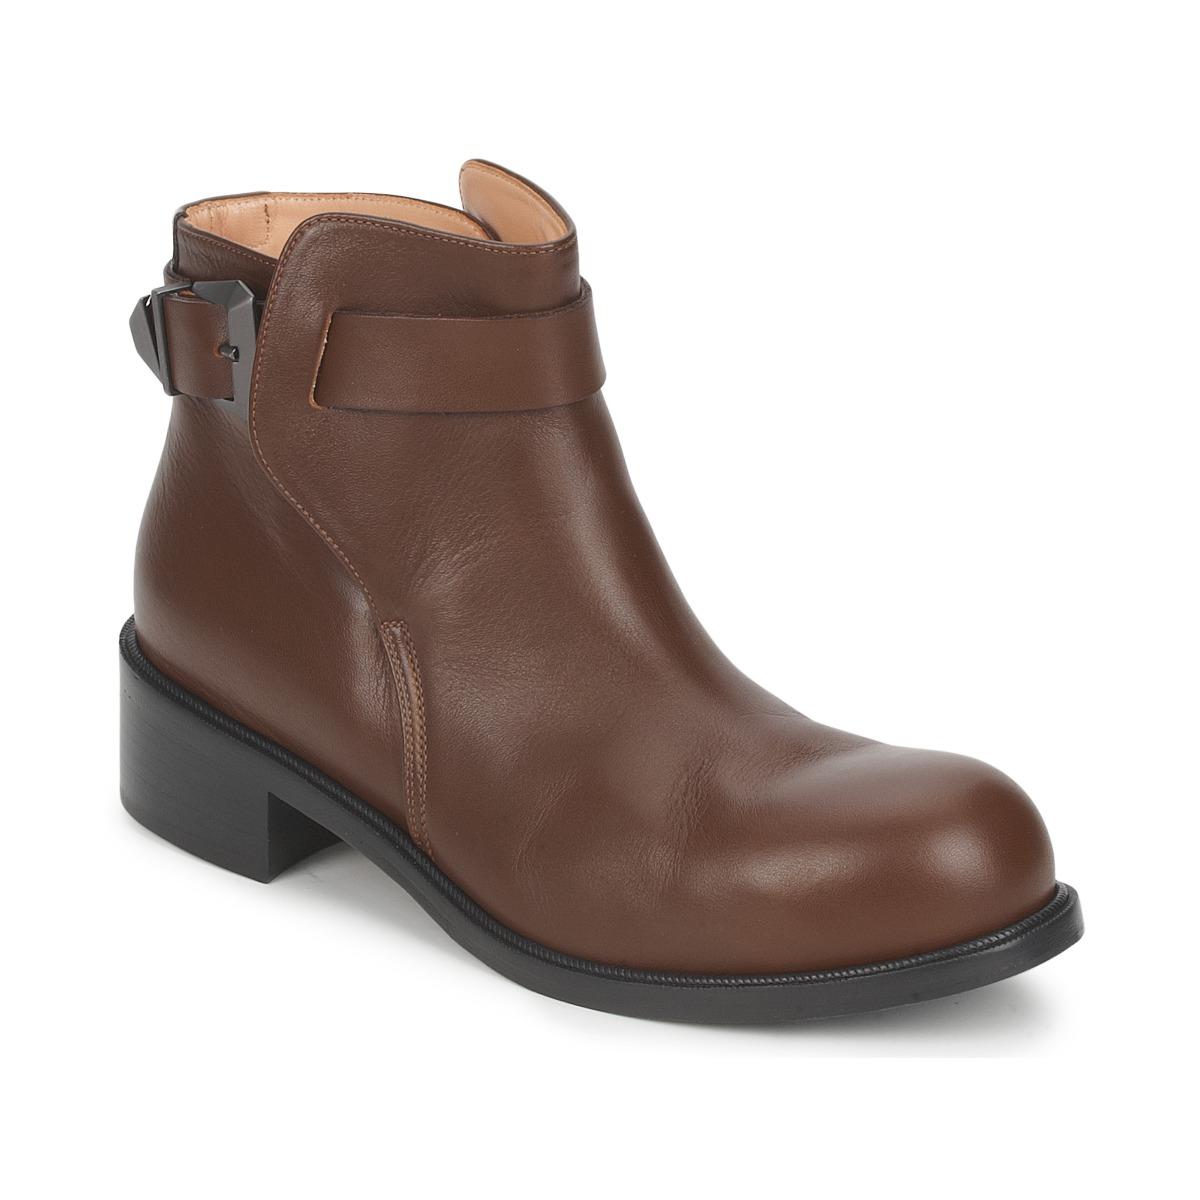 Kotnikove boty Kallisté 5723 Hnědá